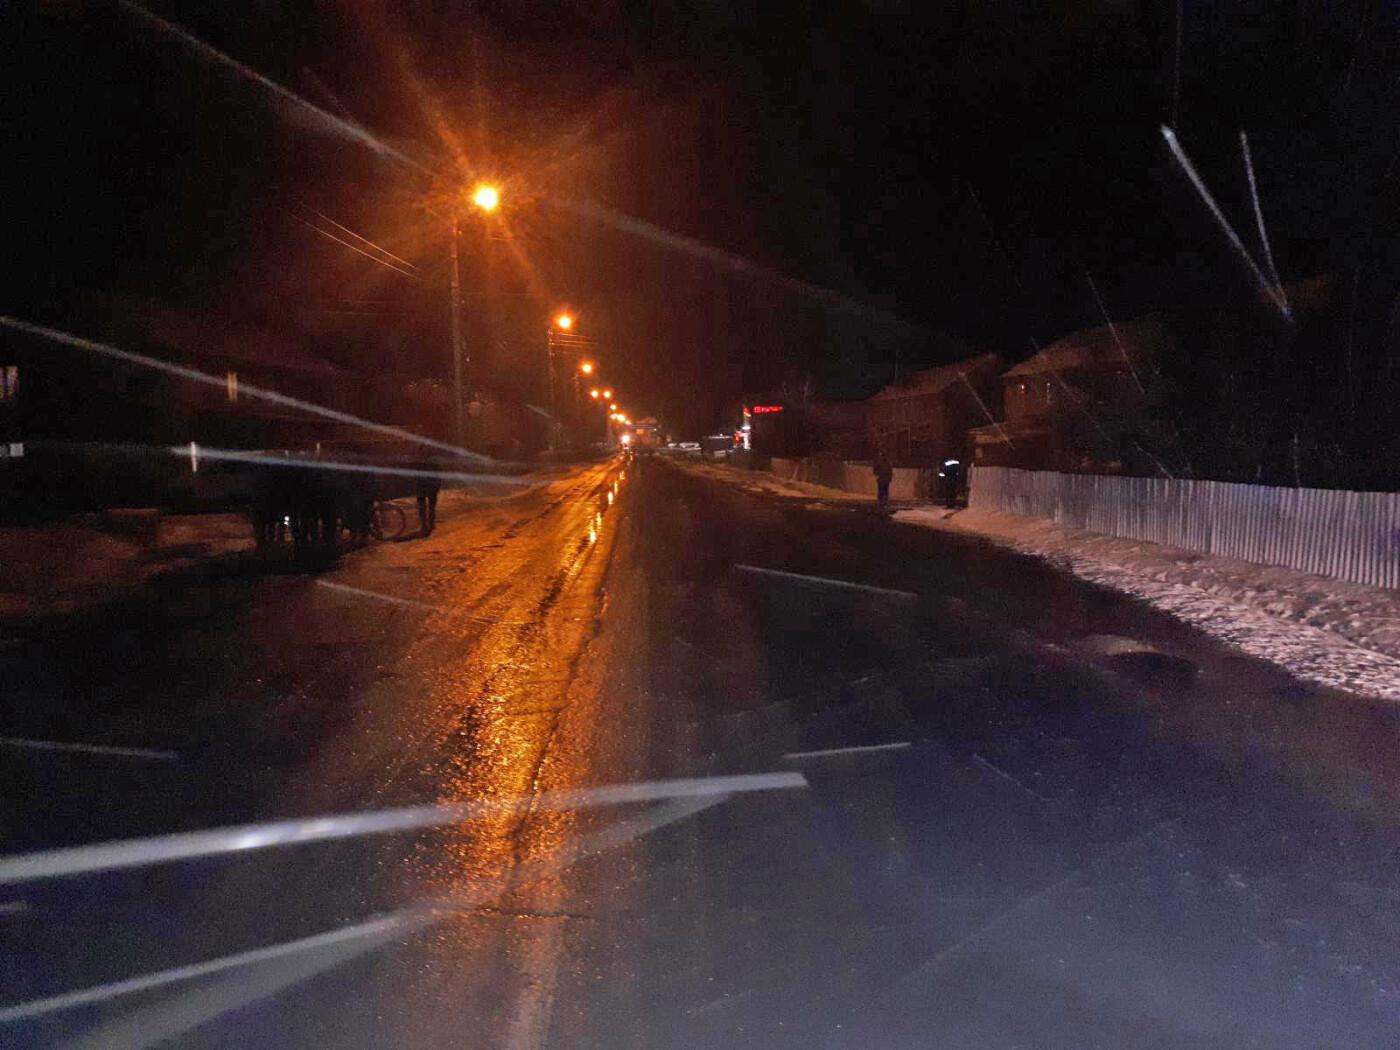 В Рассказове водитель сбил подростка и скрылся с места ДТП: его ищет полиция, фото-1